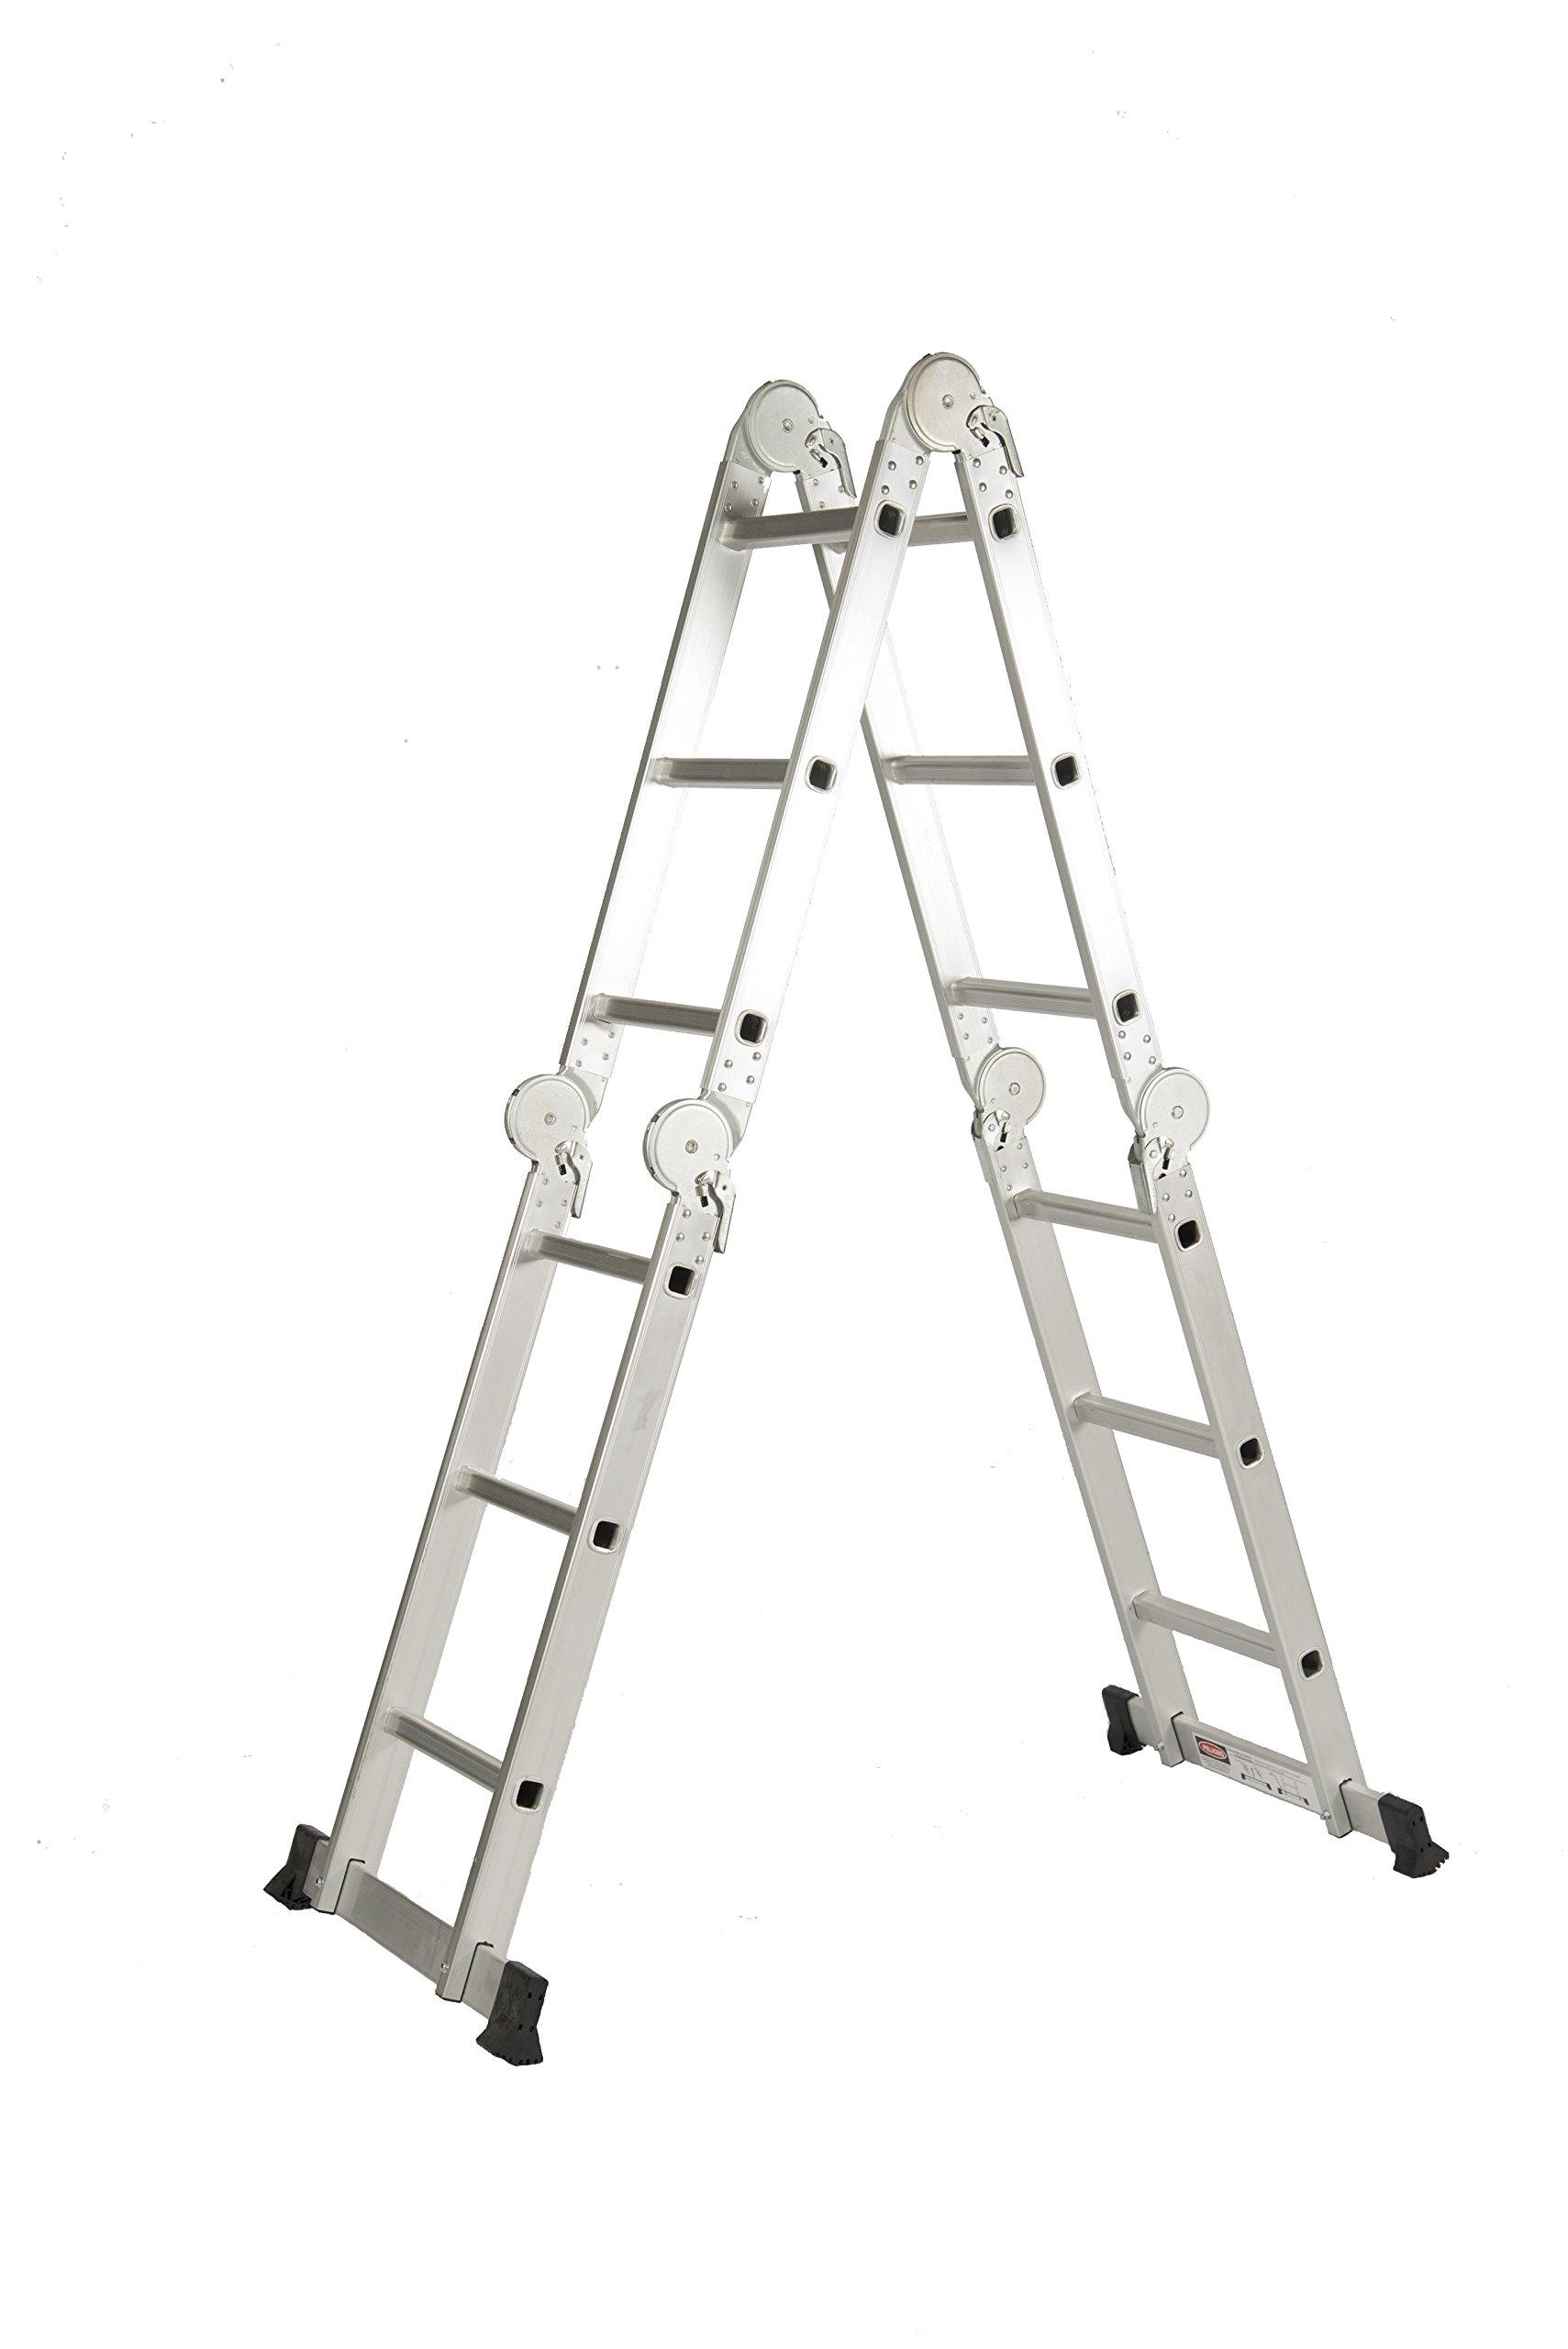 Coamer T-31 Escalera multiusos con pasarela (aluminio): Amazon.es: Bricolaje y herramientas